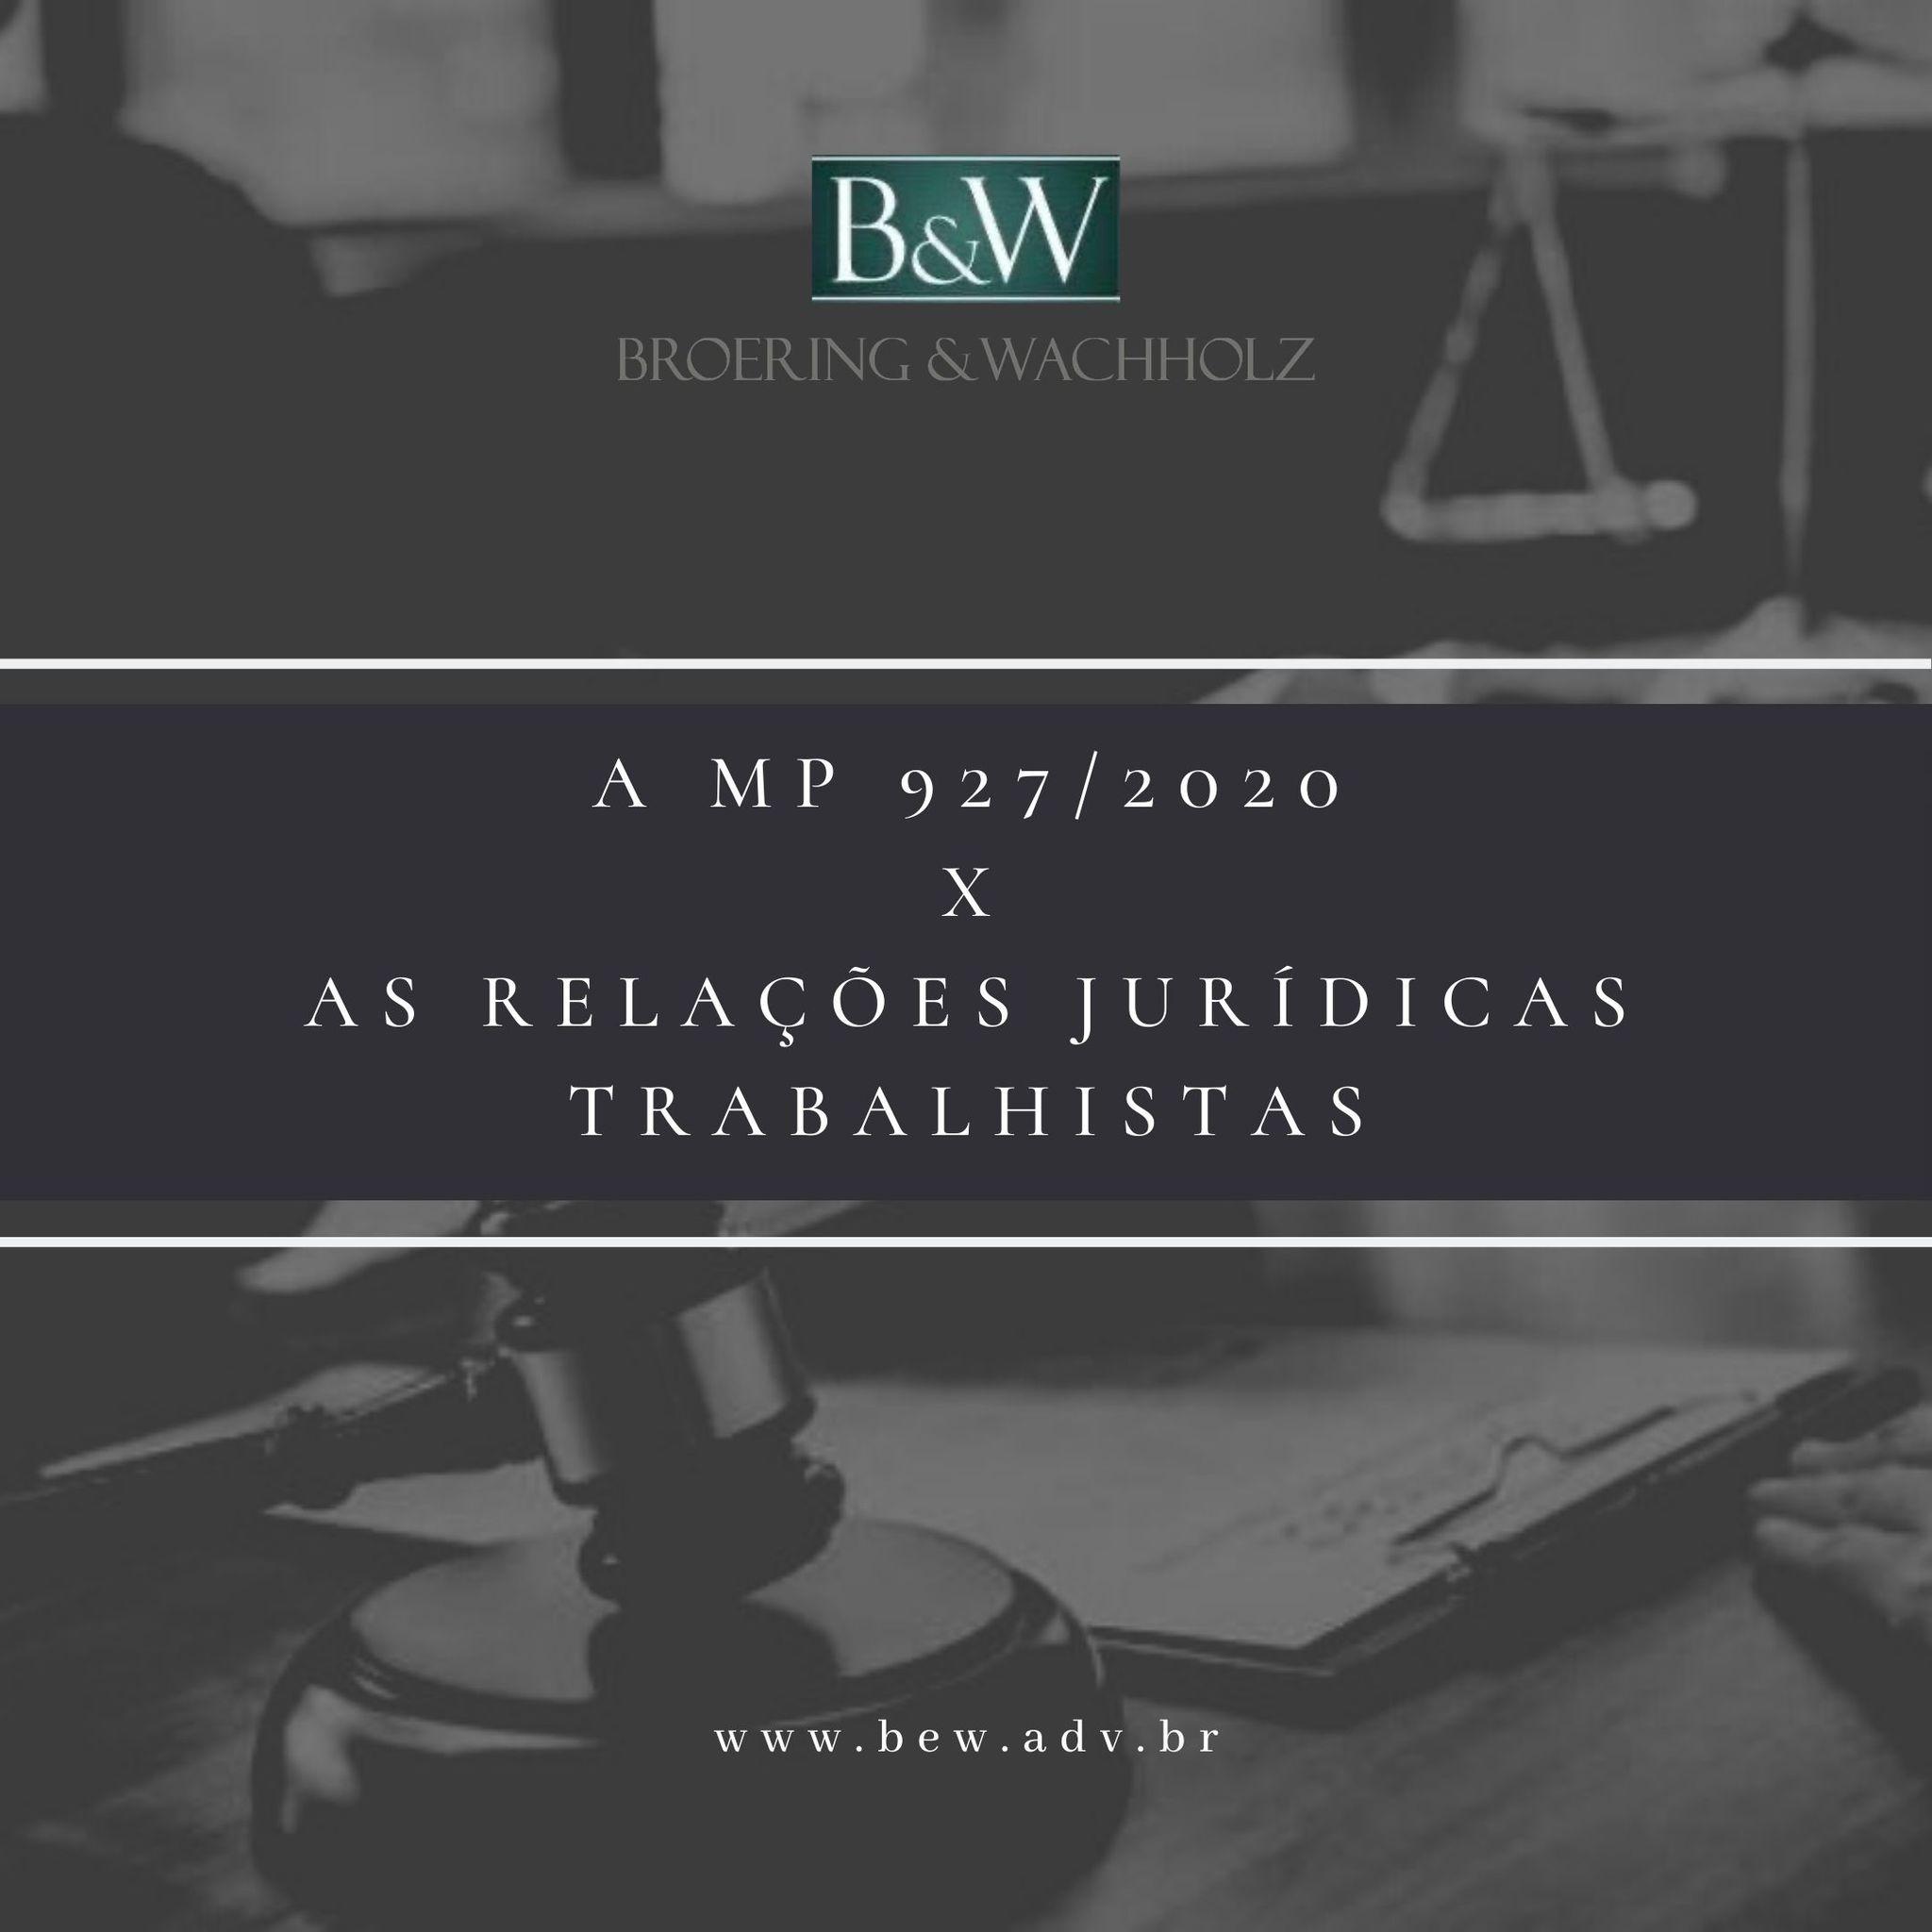 MP 927/2020  X  As relações jurídicas trabalhistas